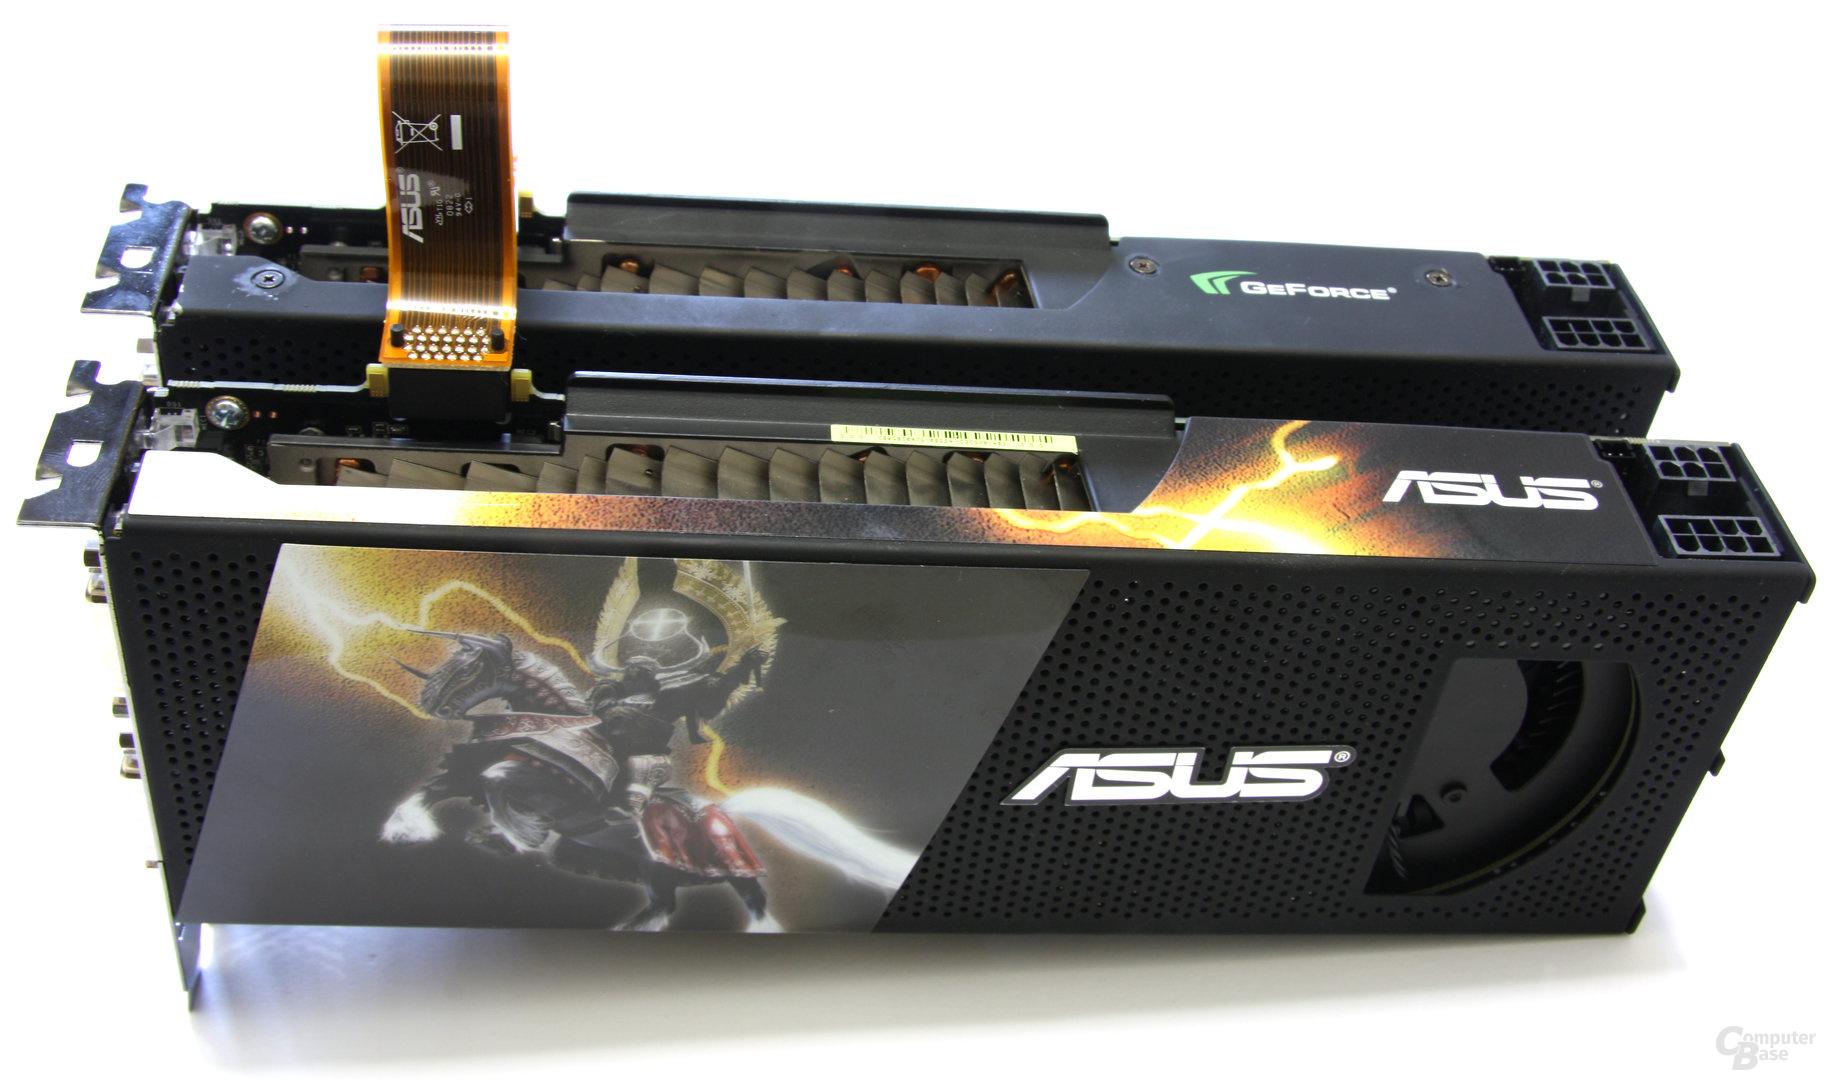 Quad-SLI mit 2x Nvidia GeForce GTX 295